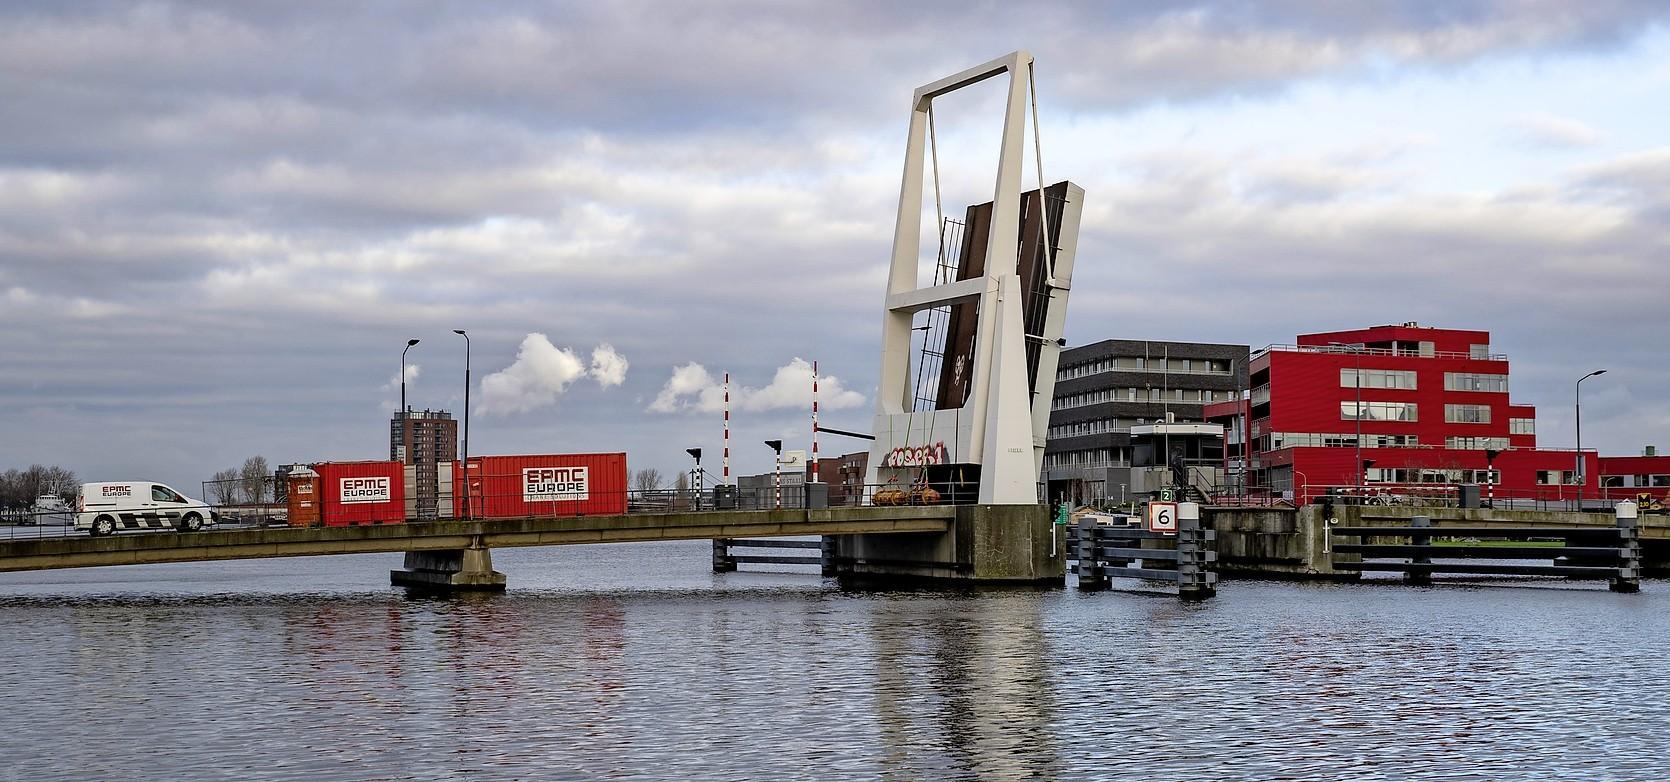 Zorgen over veiligheid Haarlemse bruggen